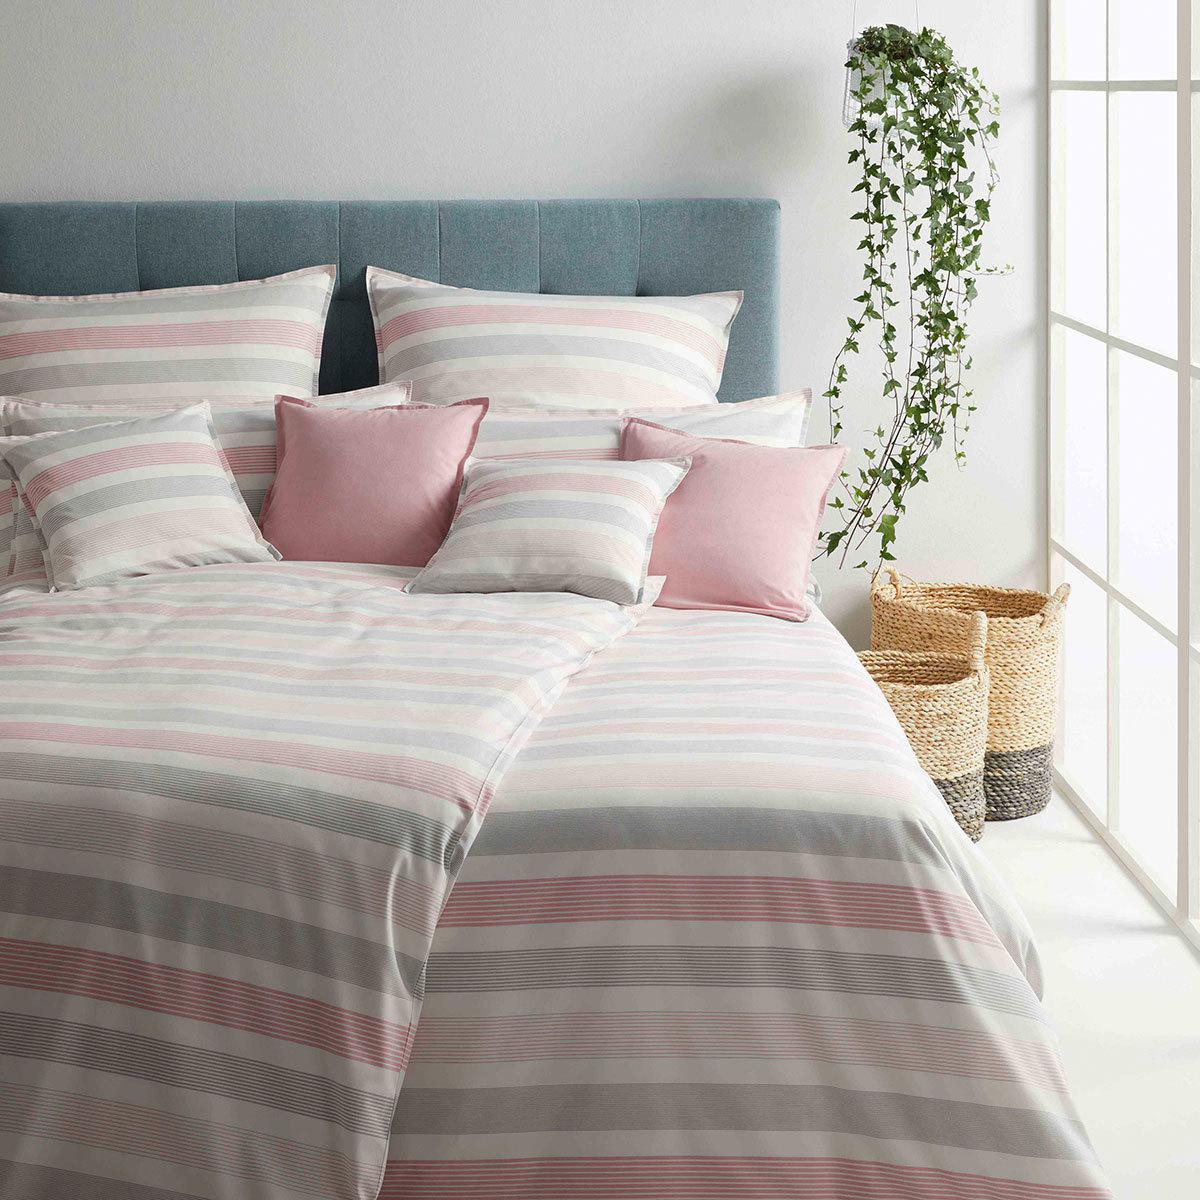 elegante piqu bettw sche revival blush g nstig online kaufen bei bettwaren shop. Black Bedroom Furniture Sets. Home Design Ideas